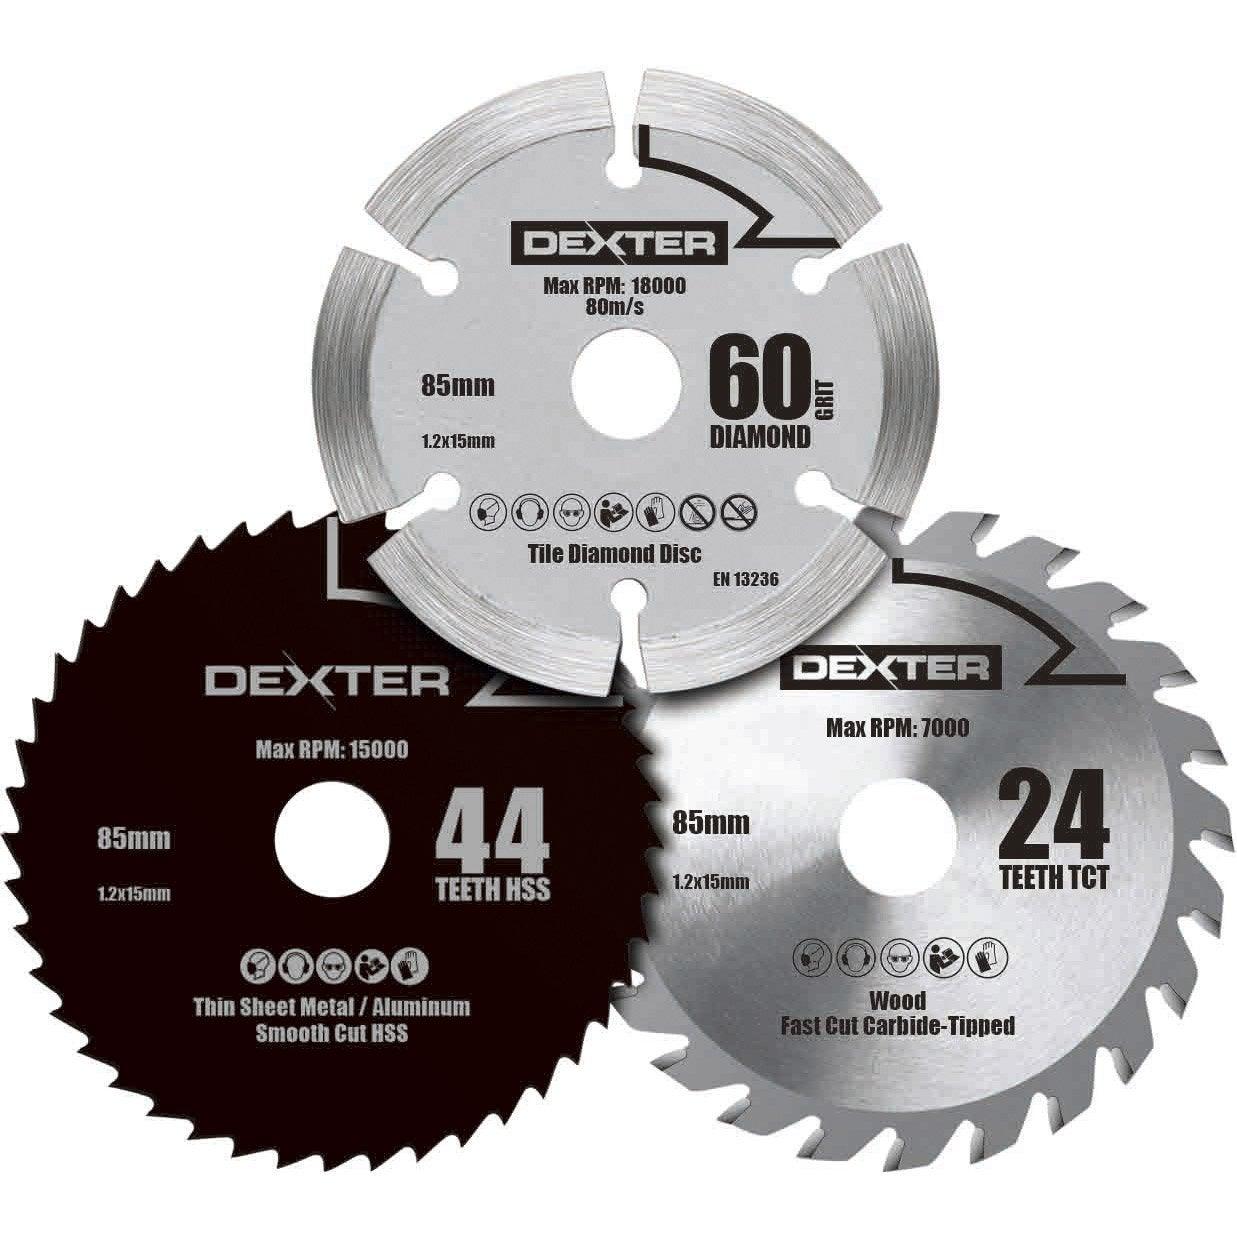 Lame Scie Circulaire : Lame coupe multiusage dexter power pour mini scie